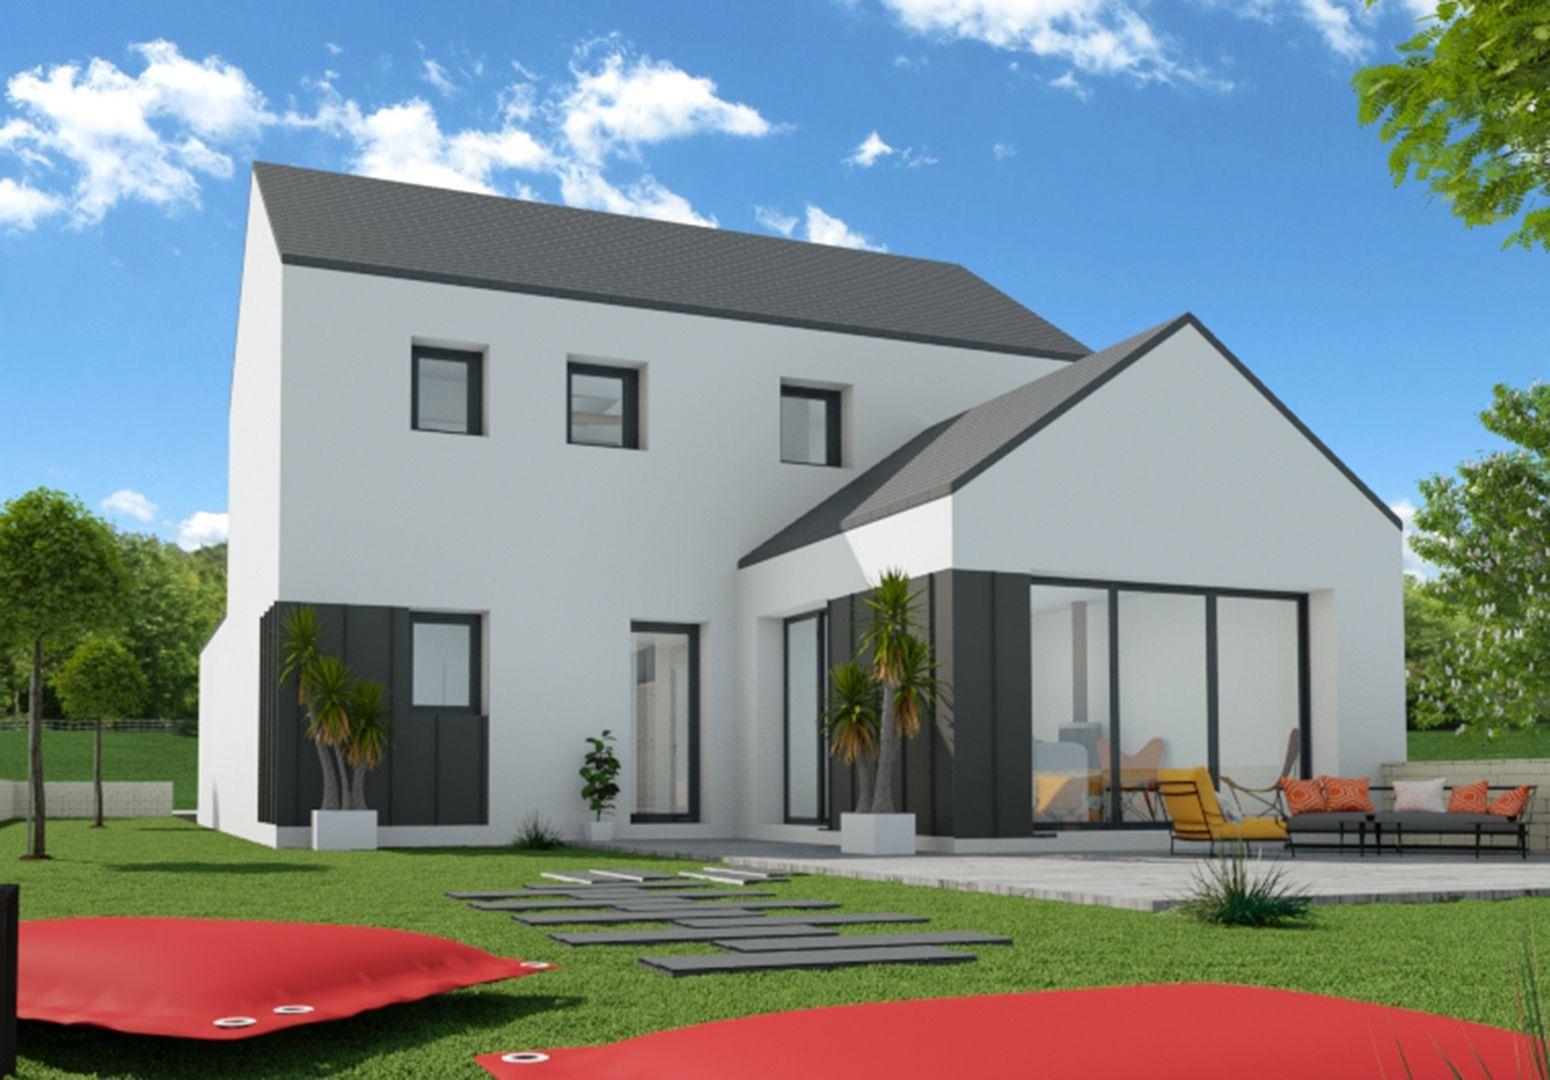 Image du modèle de maison LANNION 4CH 106